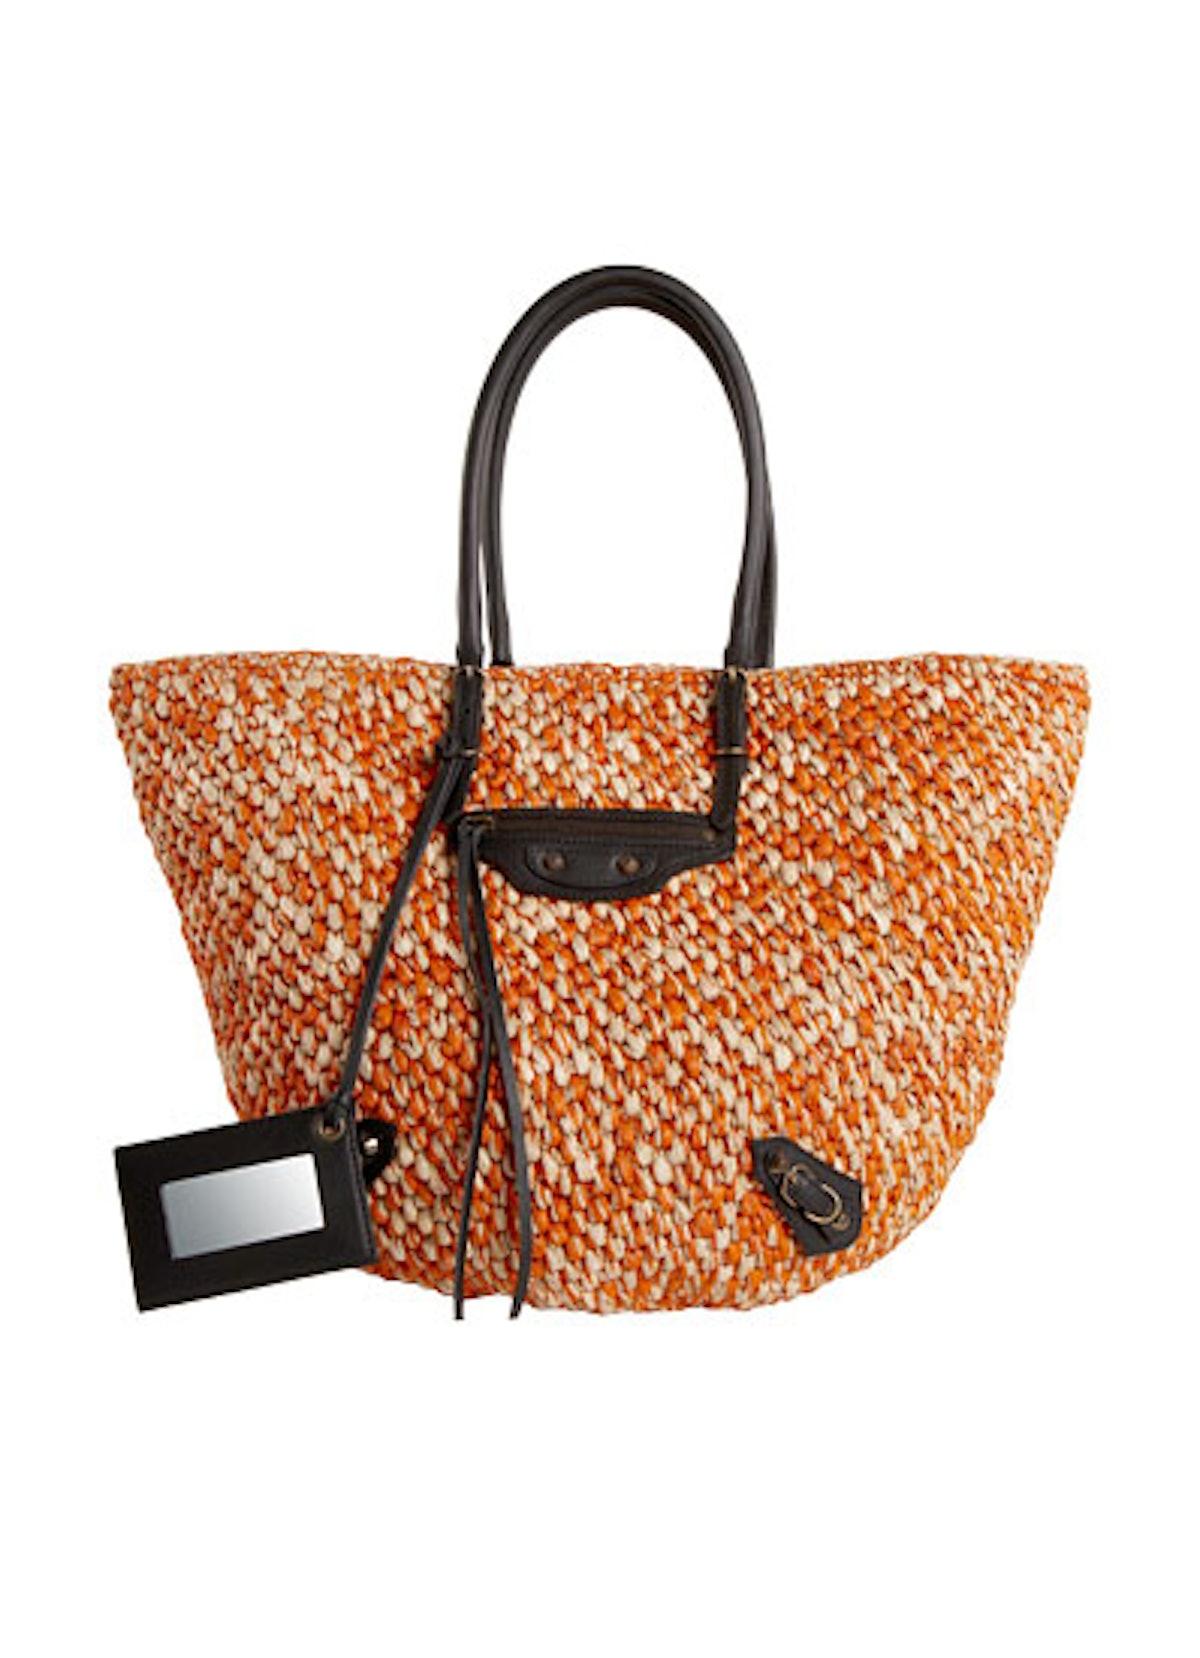 acss-boho-bag-trend-03-v.jpg